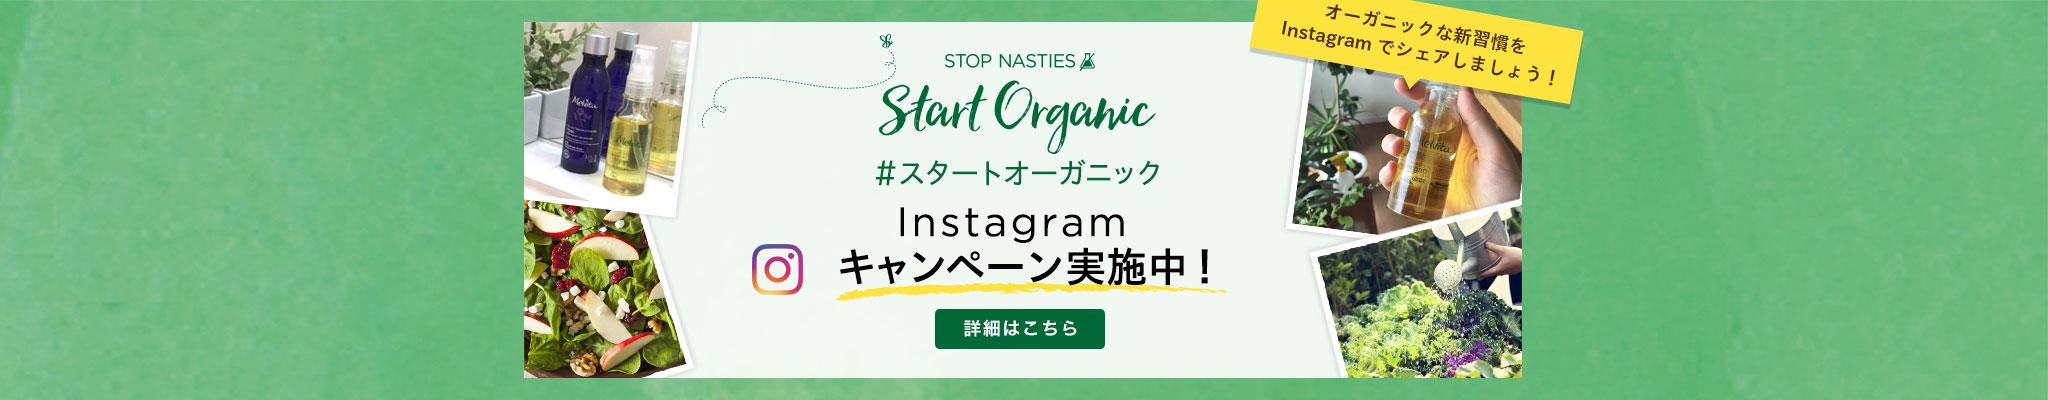 Instagram キャンペーン